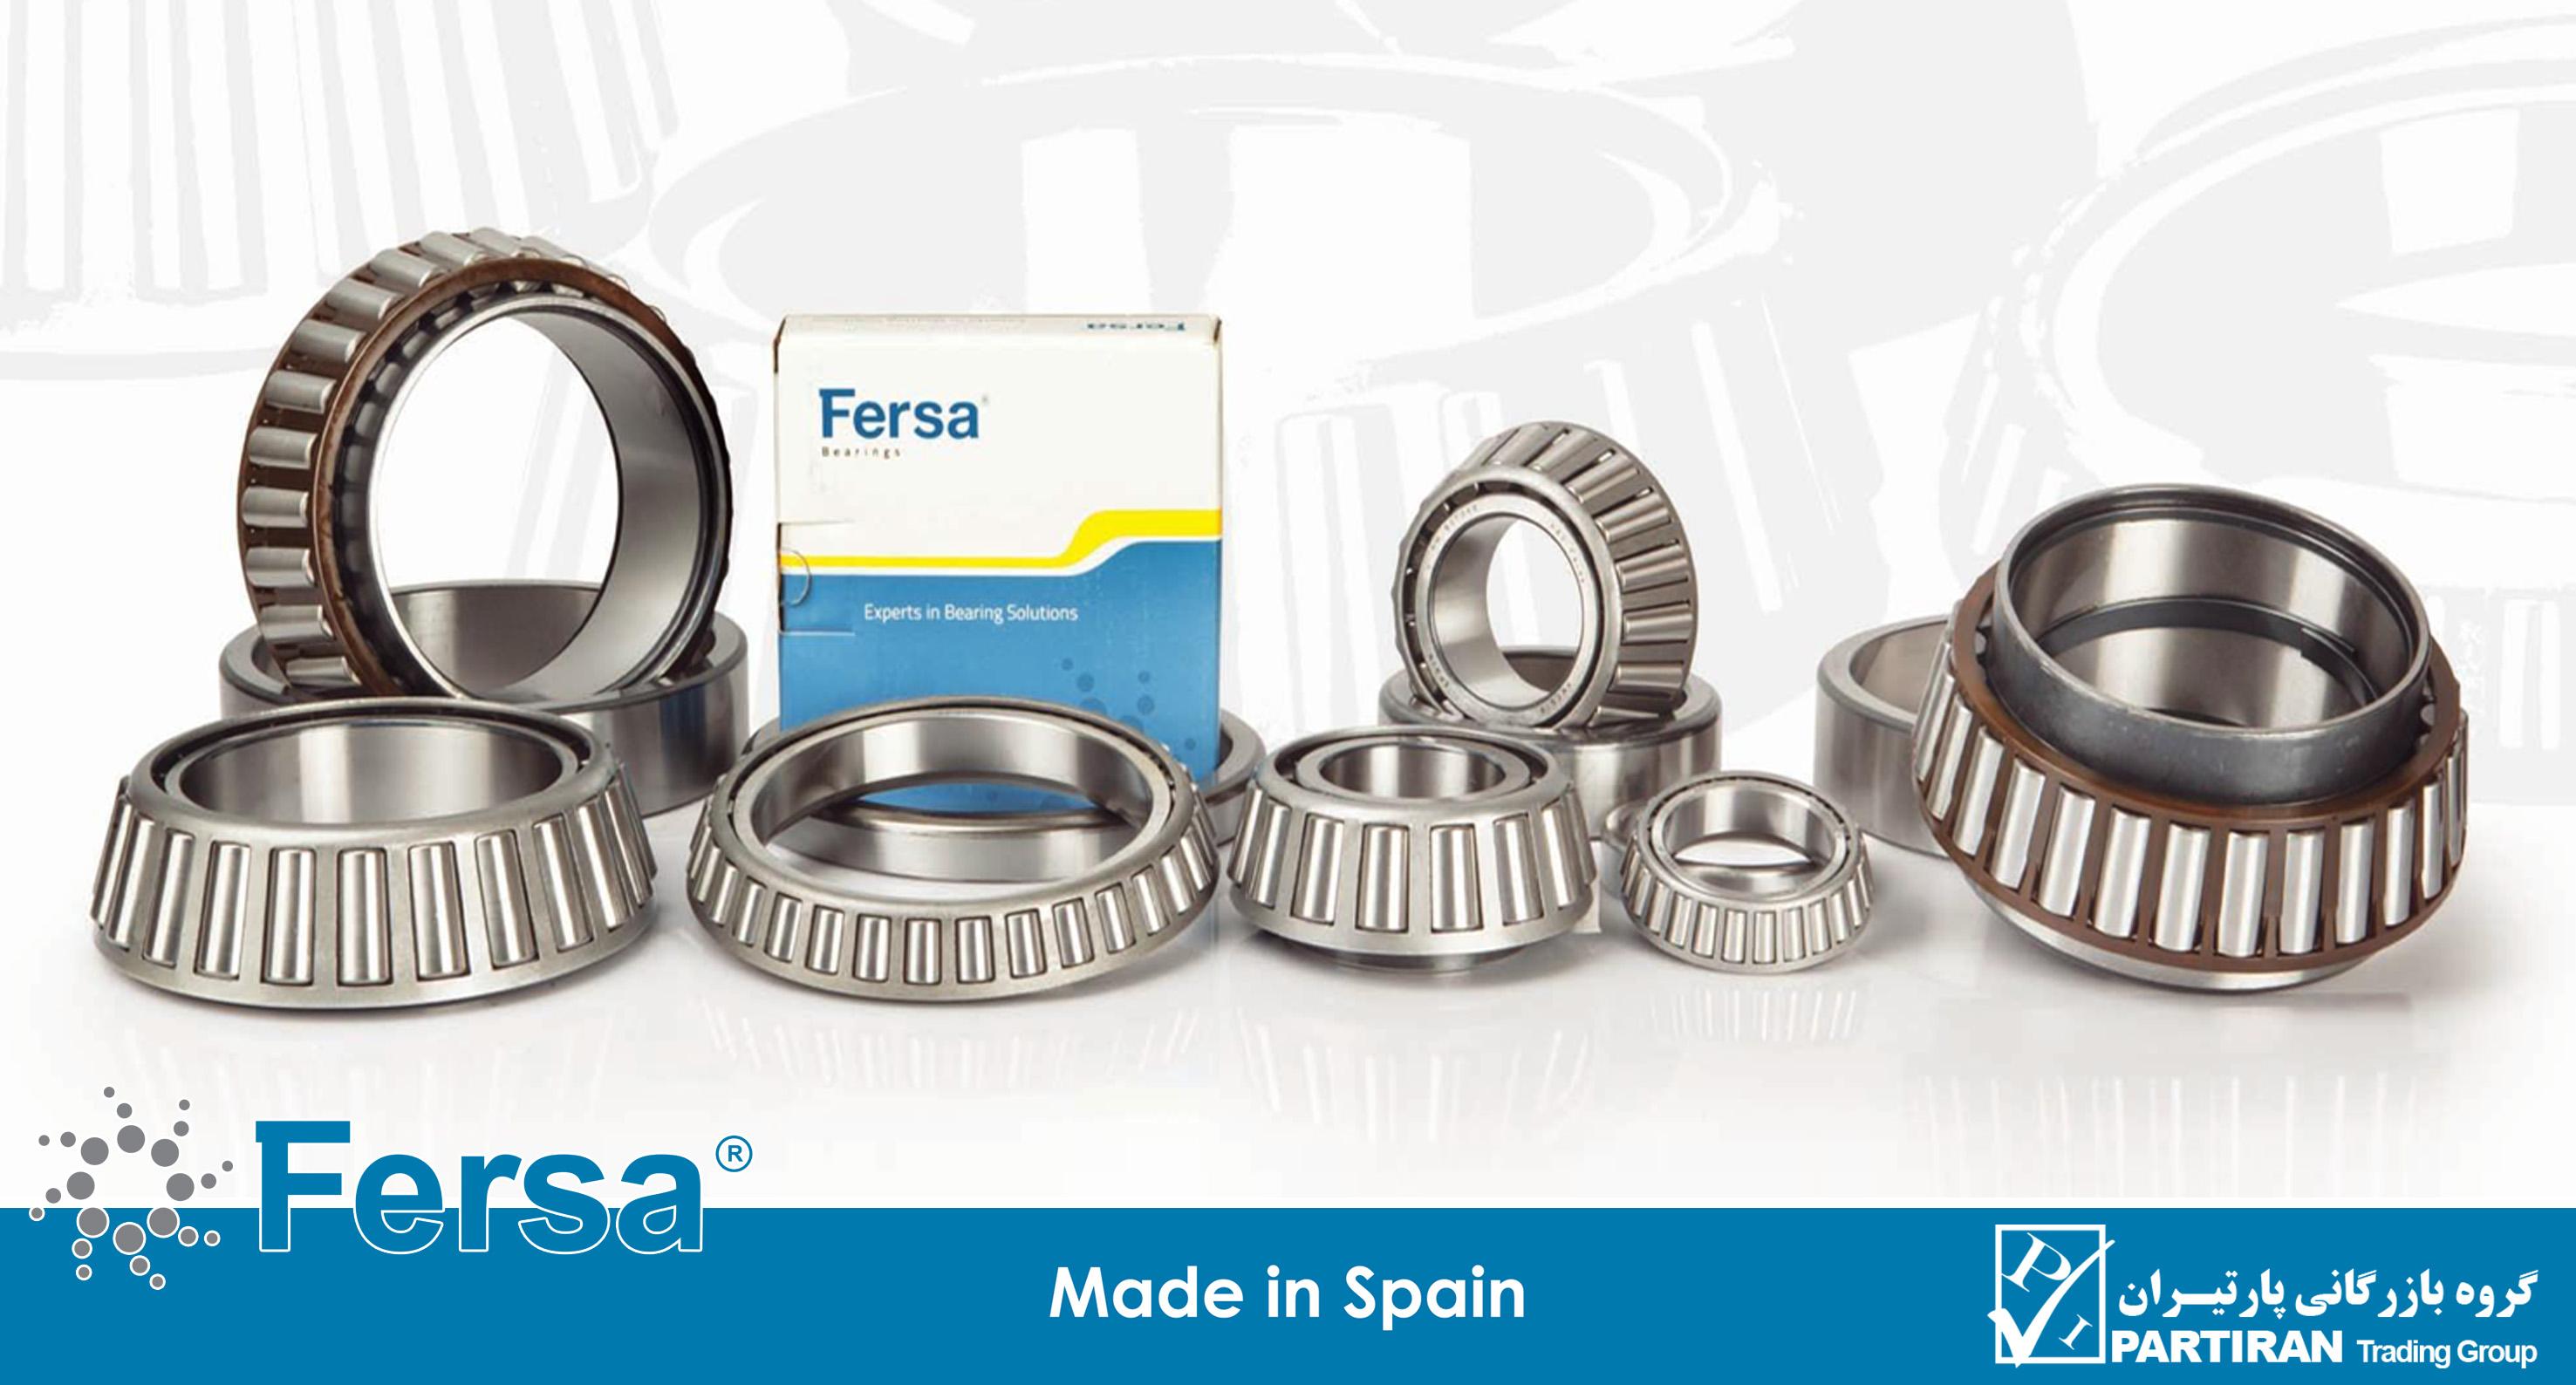 گروه بازرگانی پارتیران نماینده رسمی فرسا (Fersa) اسپانیا در ایران ، تولید کننده انواع بلبرینگ چرخ عقب وانت نیسان انواع خودروهای سبک و سنگین و ماشین آلات